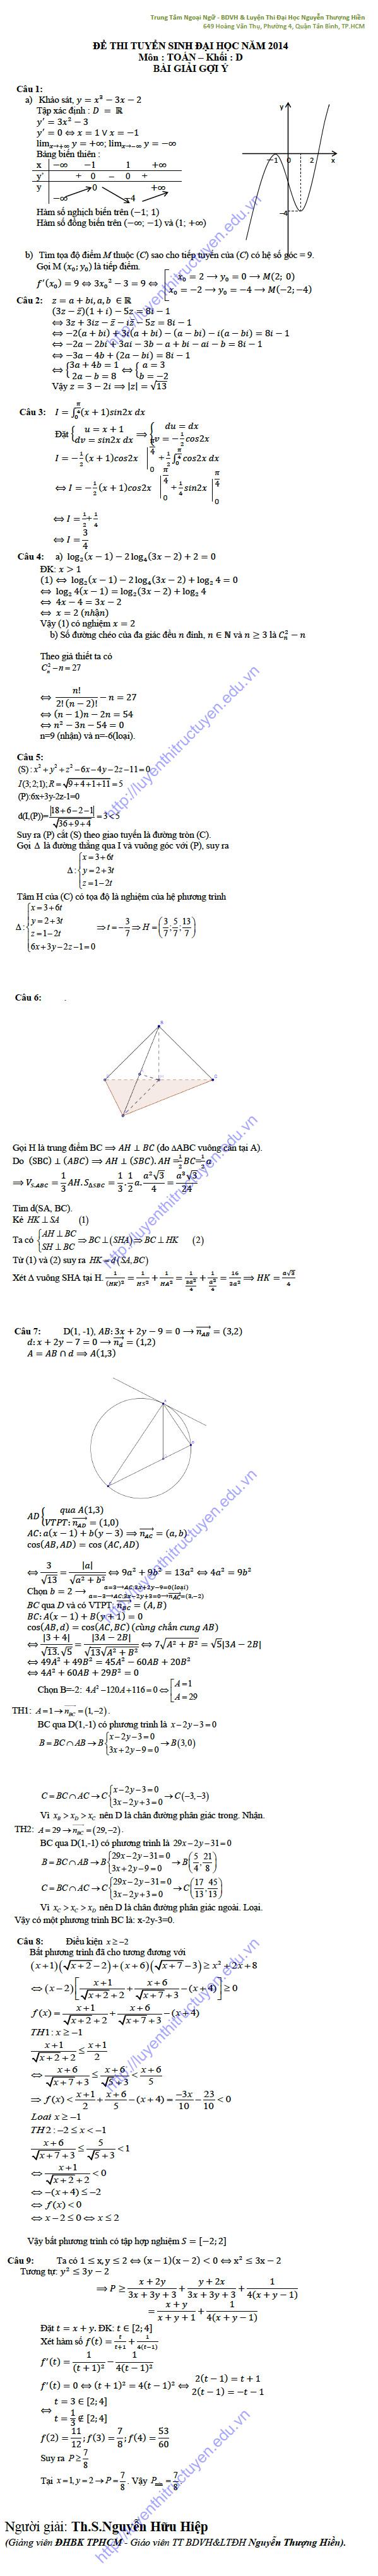 Đáp án đề thi đại học môn toán khối D 2014